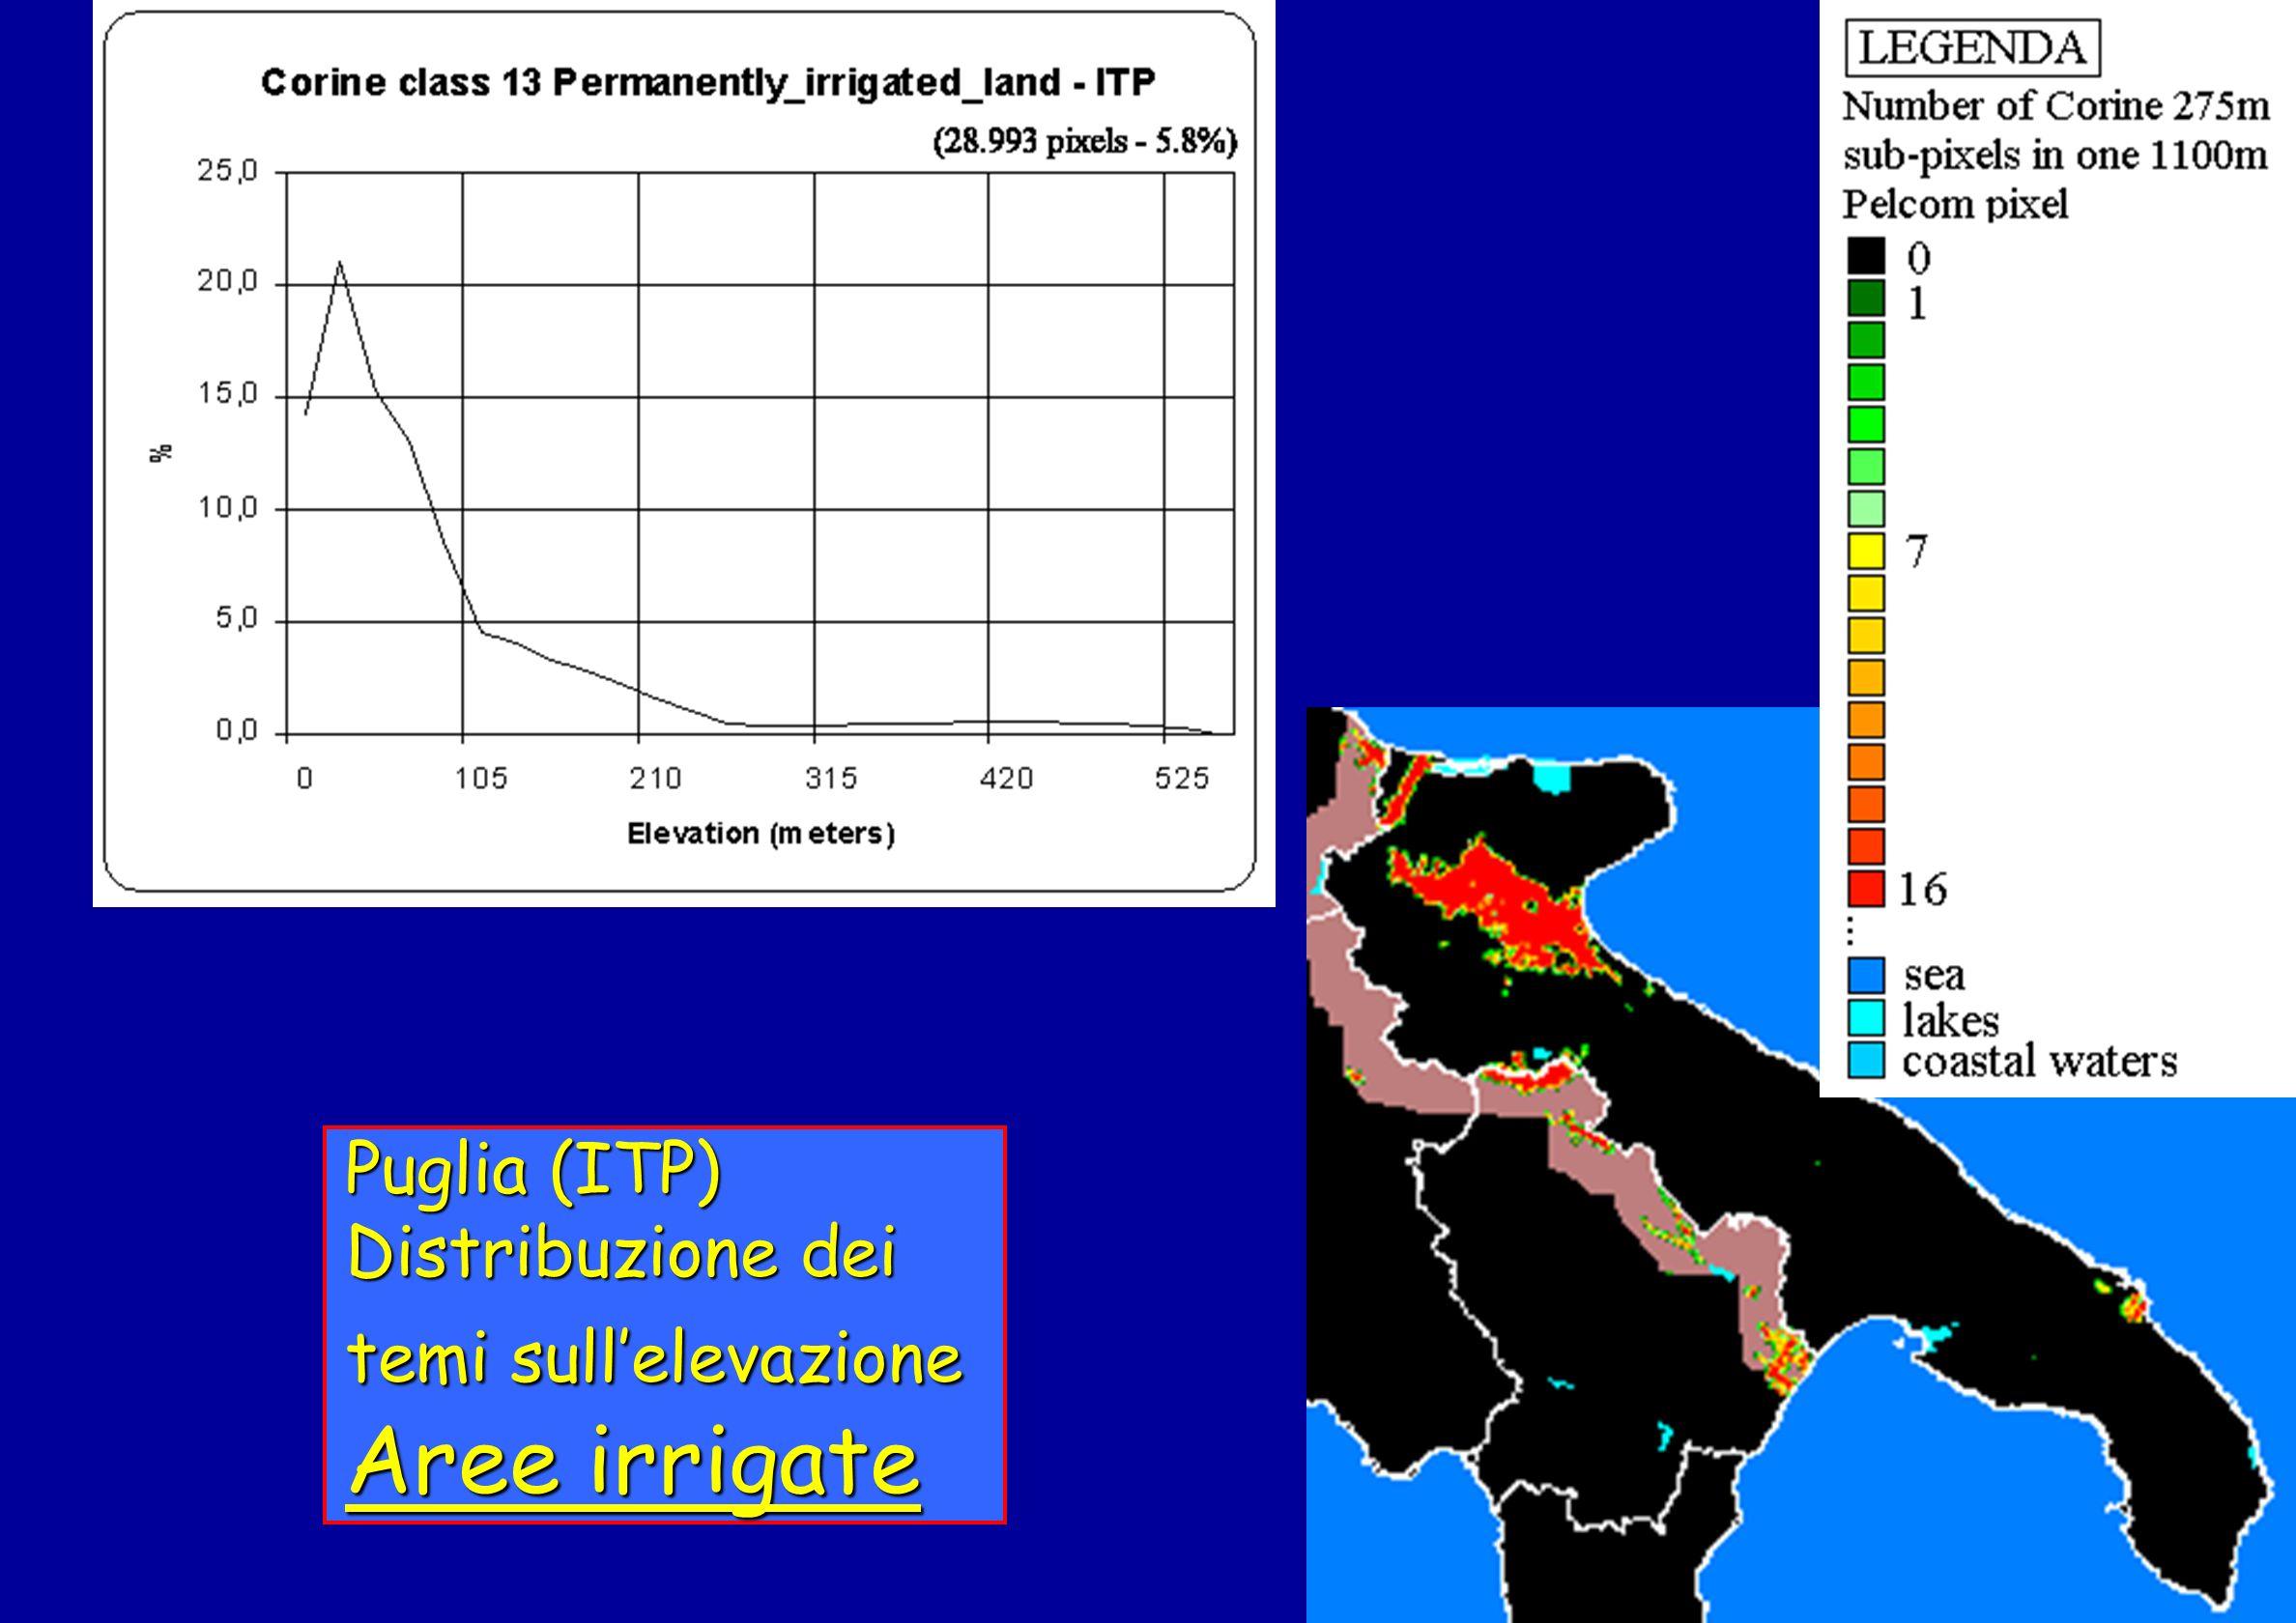 Puglia (ITP) Distribuzione dei temi sull'elevazione Aree irrigate